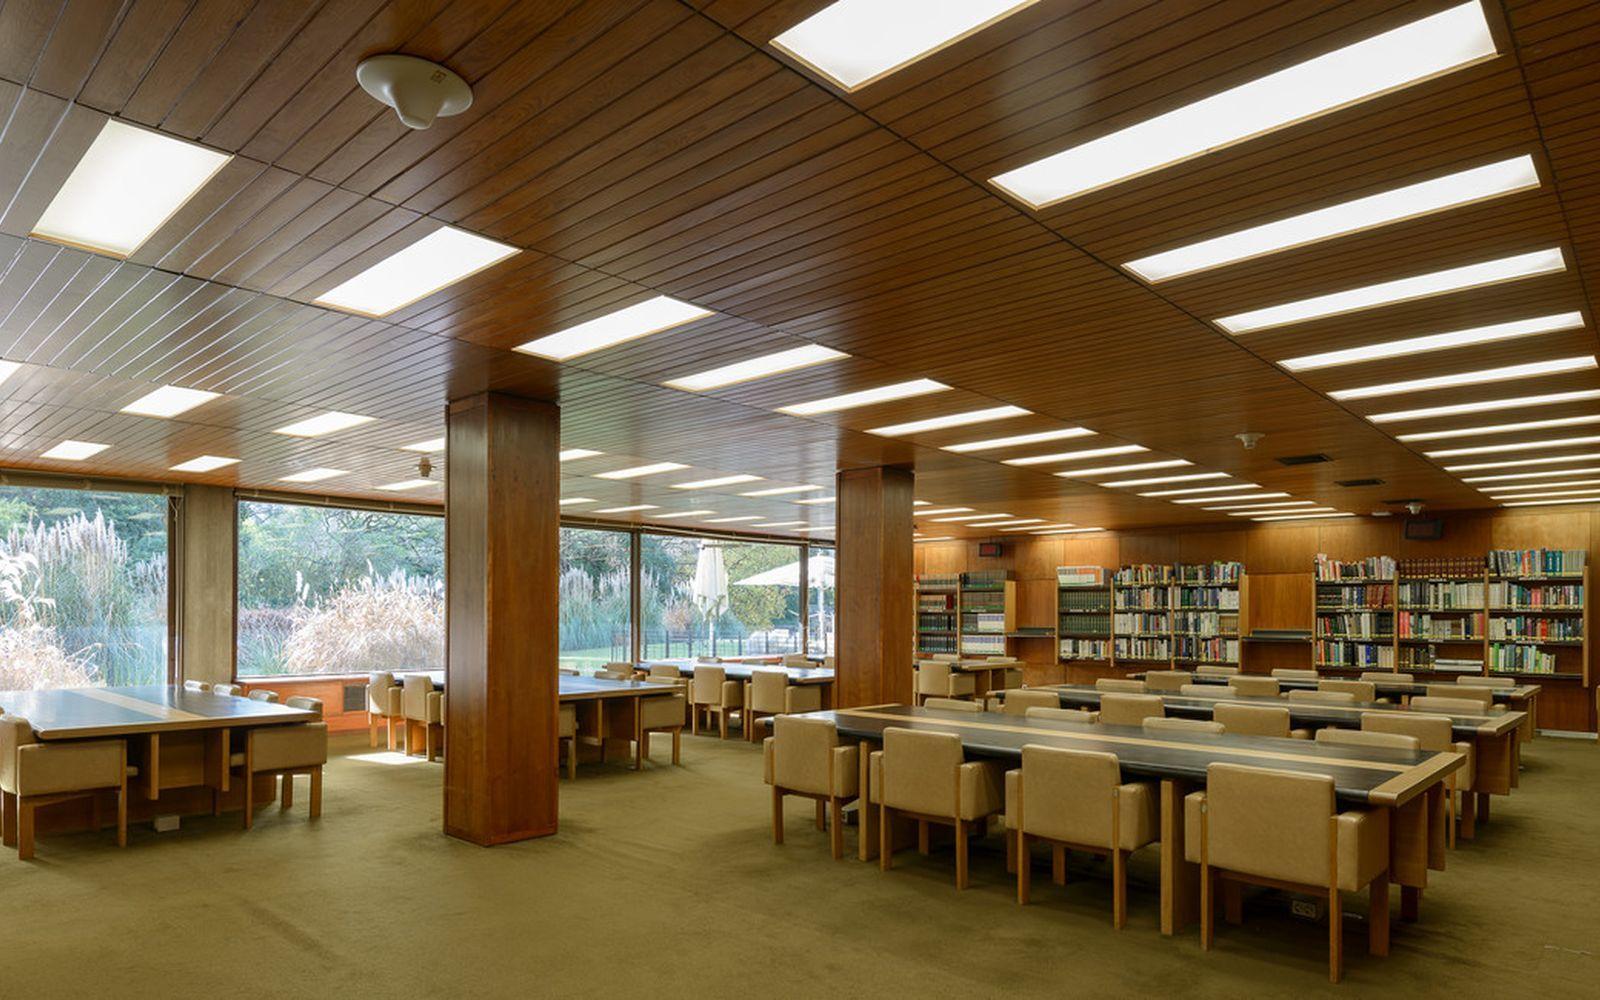 Biblioteca de Arte - Sala de Leitura © Ricardo Oliveira Alves